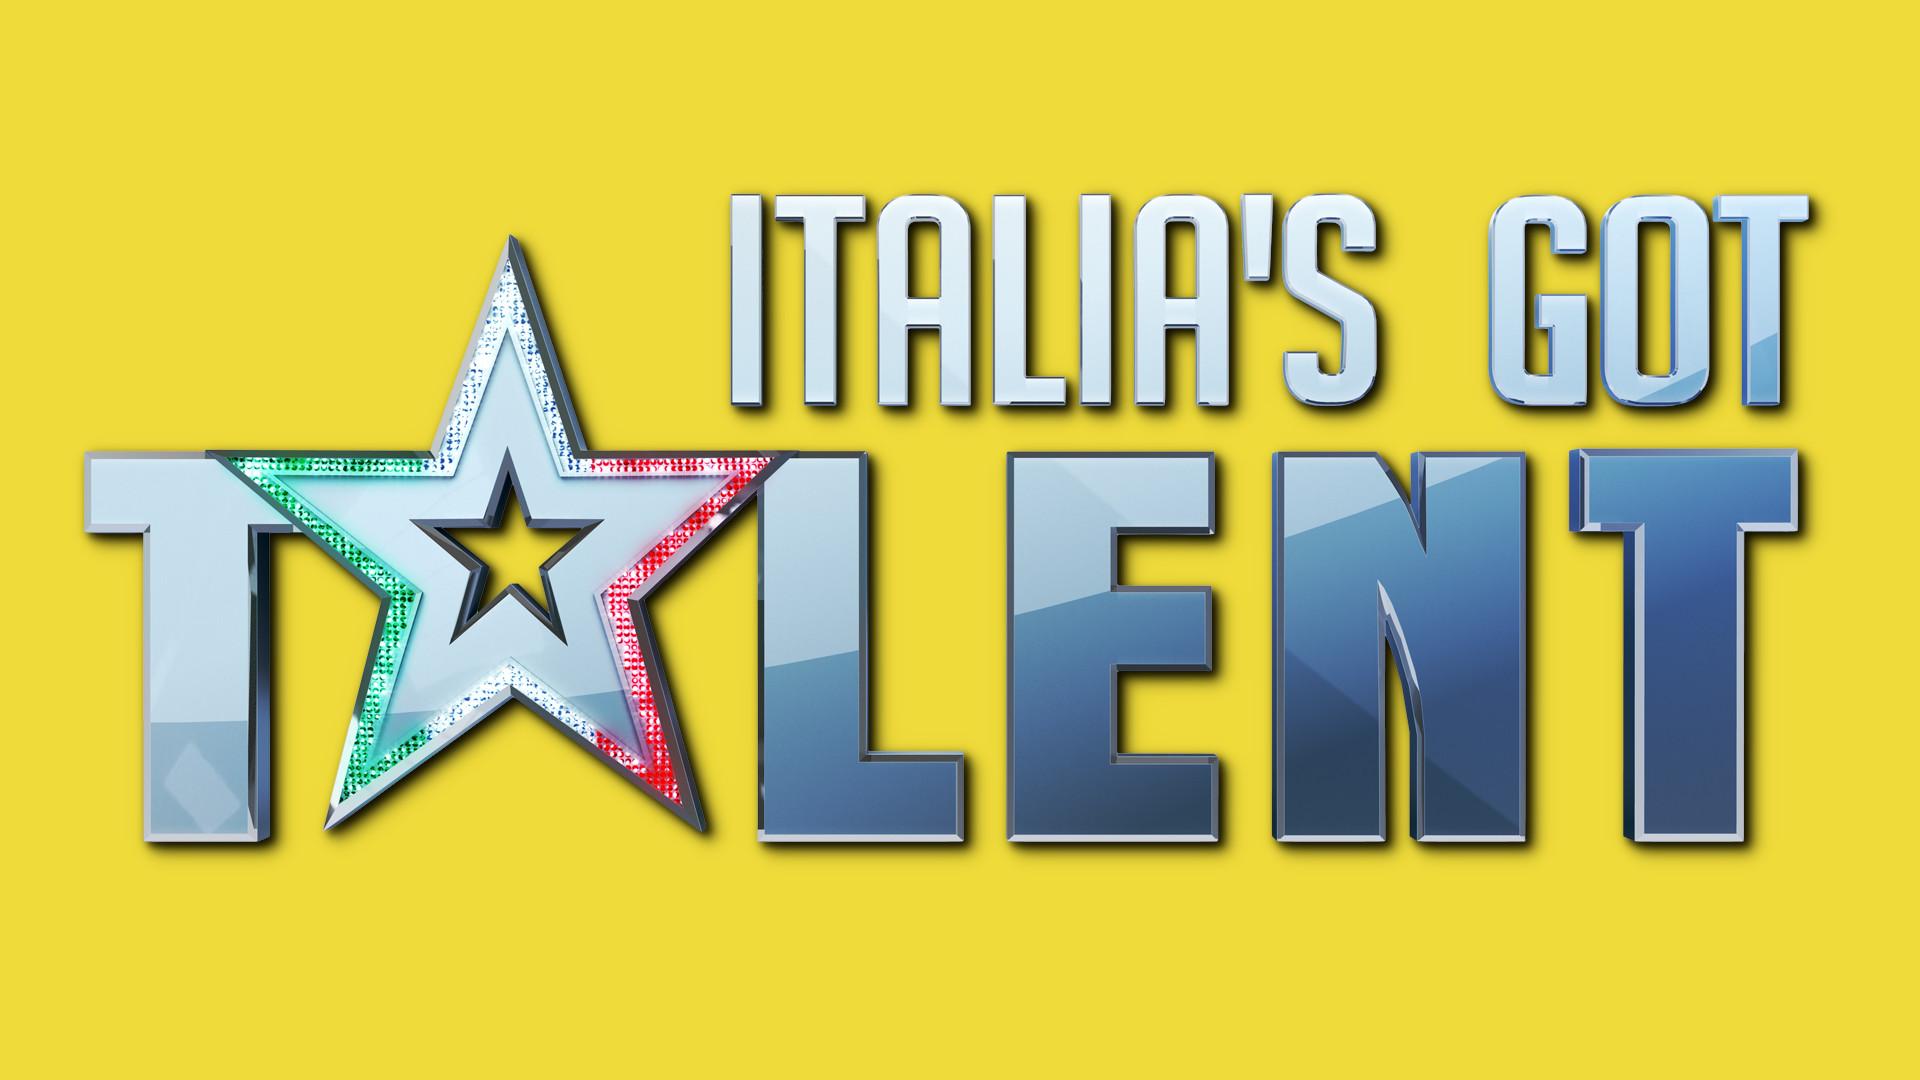 Sky – Italia's Got Talent 2015-2016